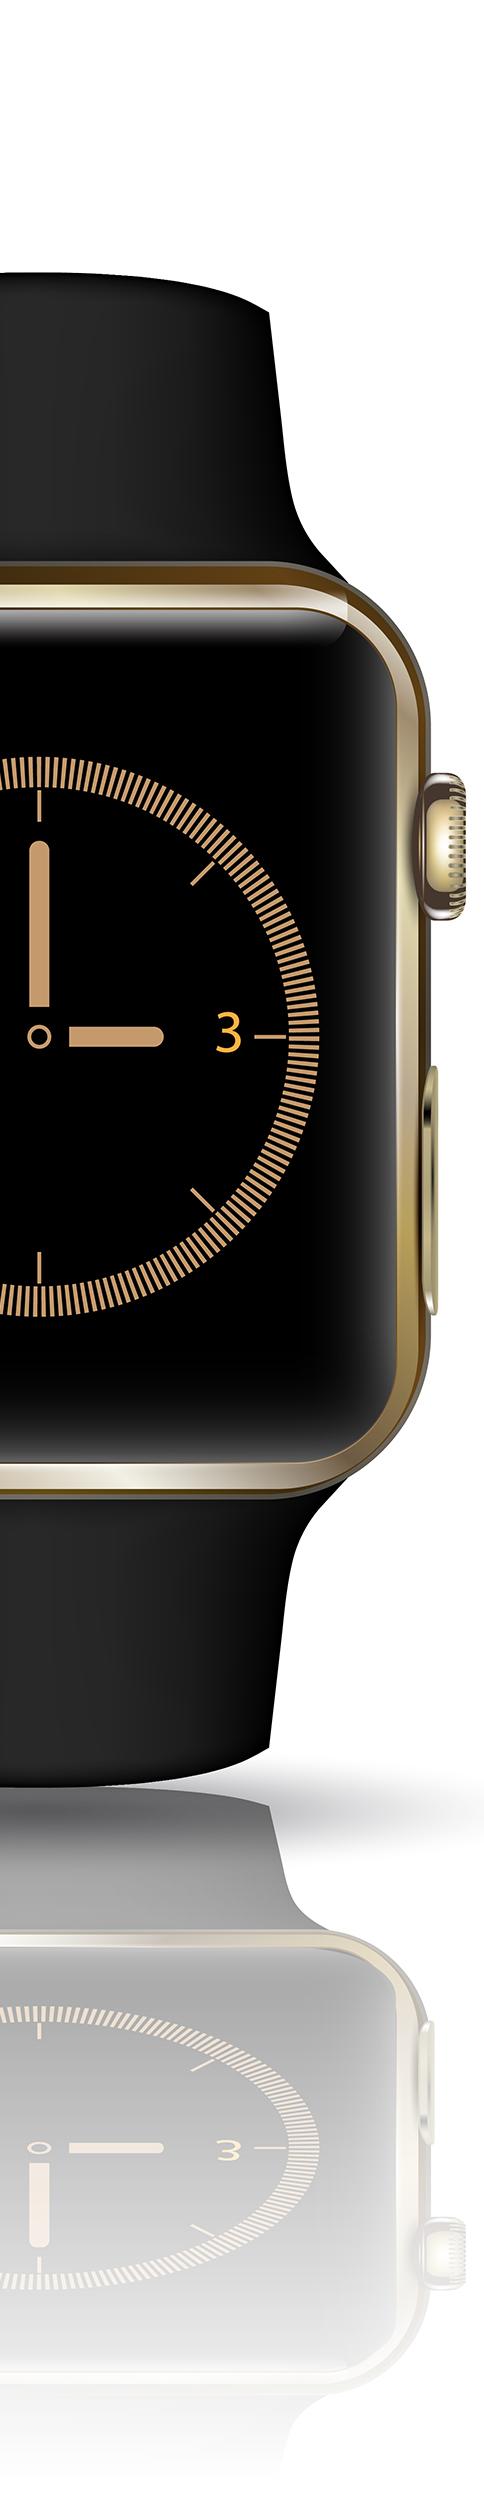 Заложить в где новосибирске часы стоимость старых определить часов как